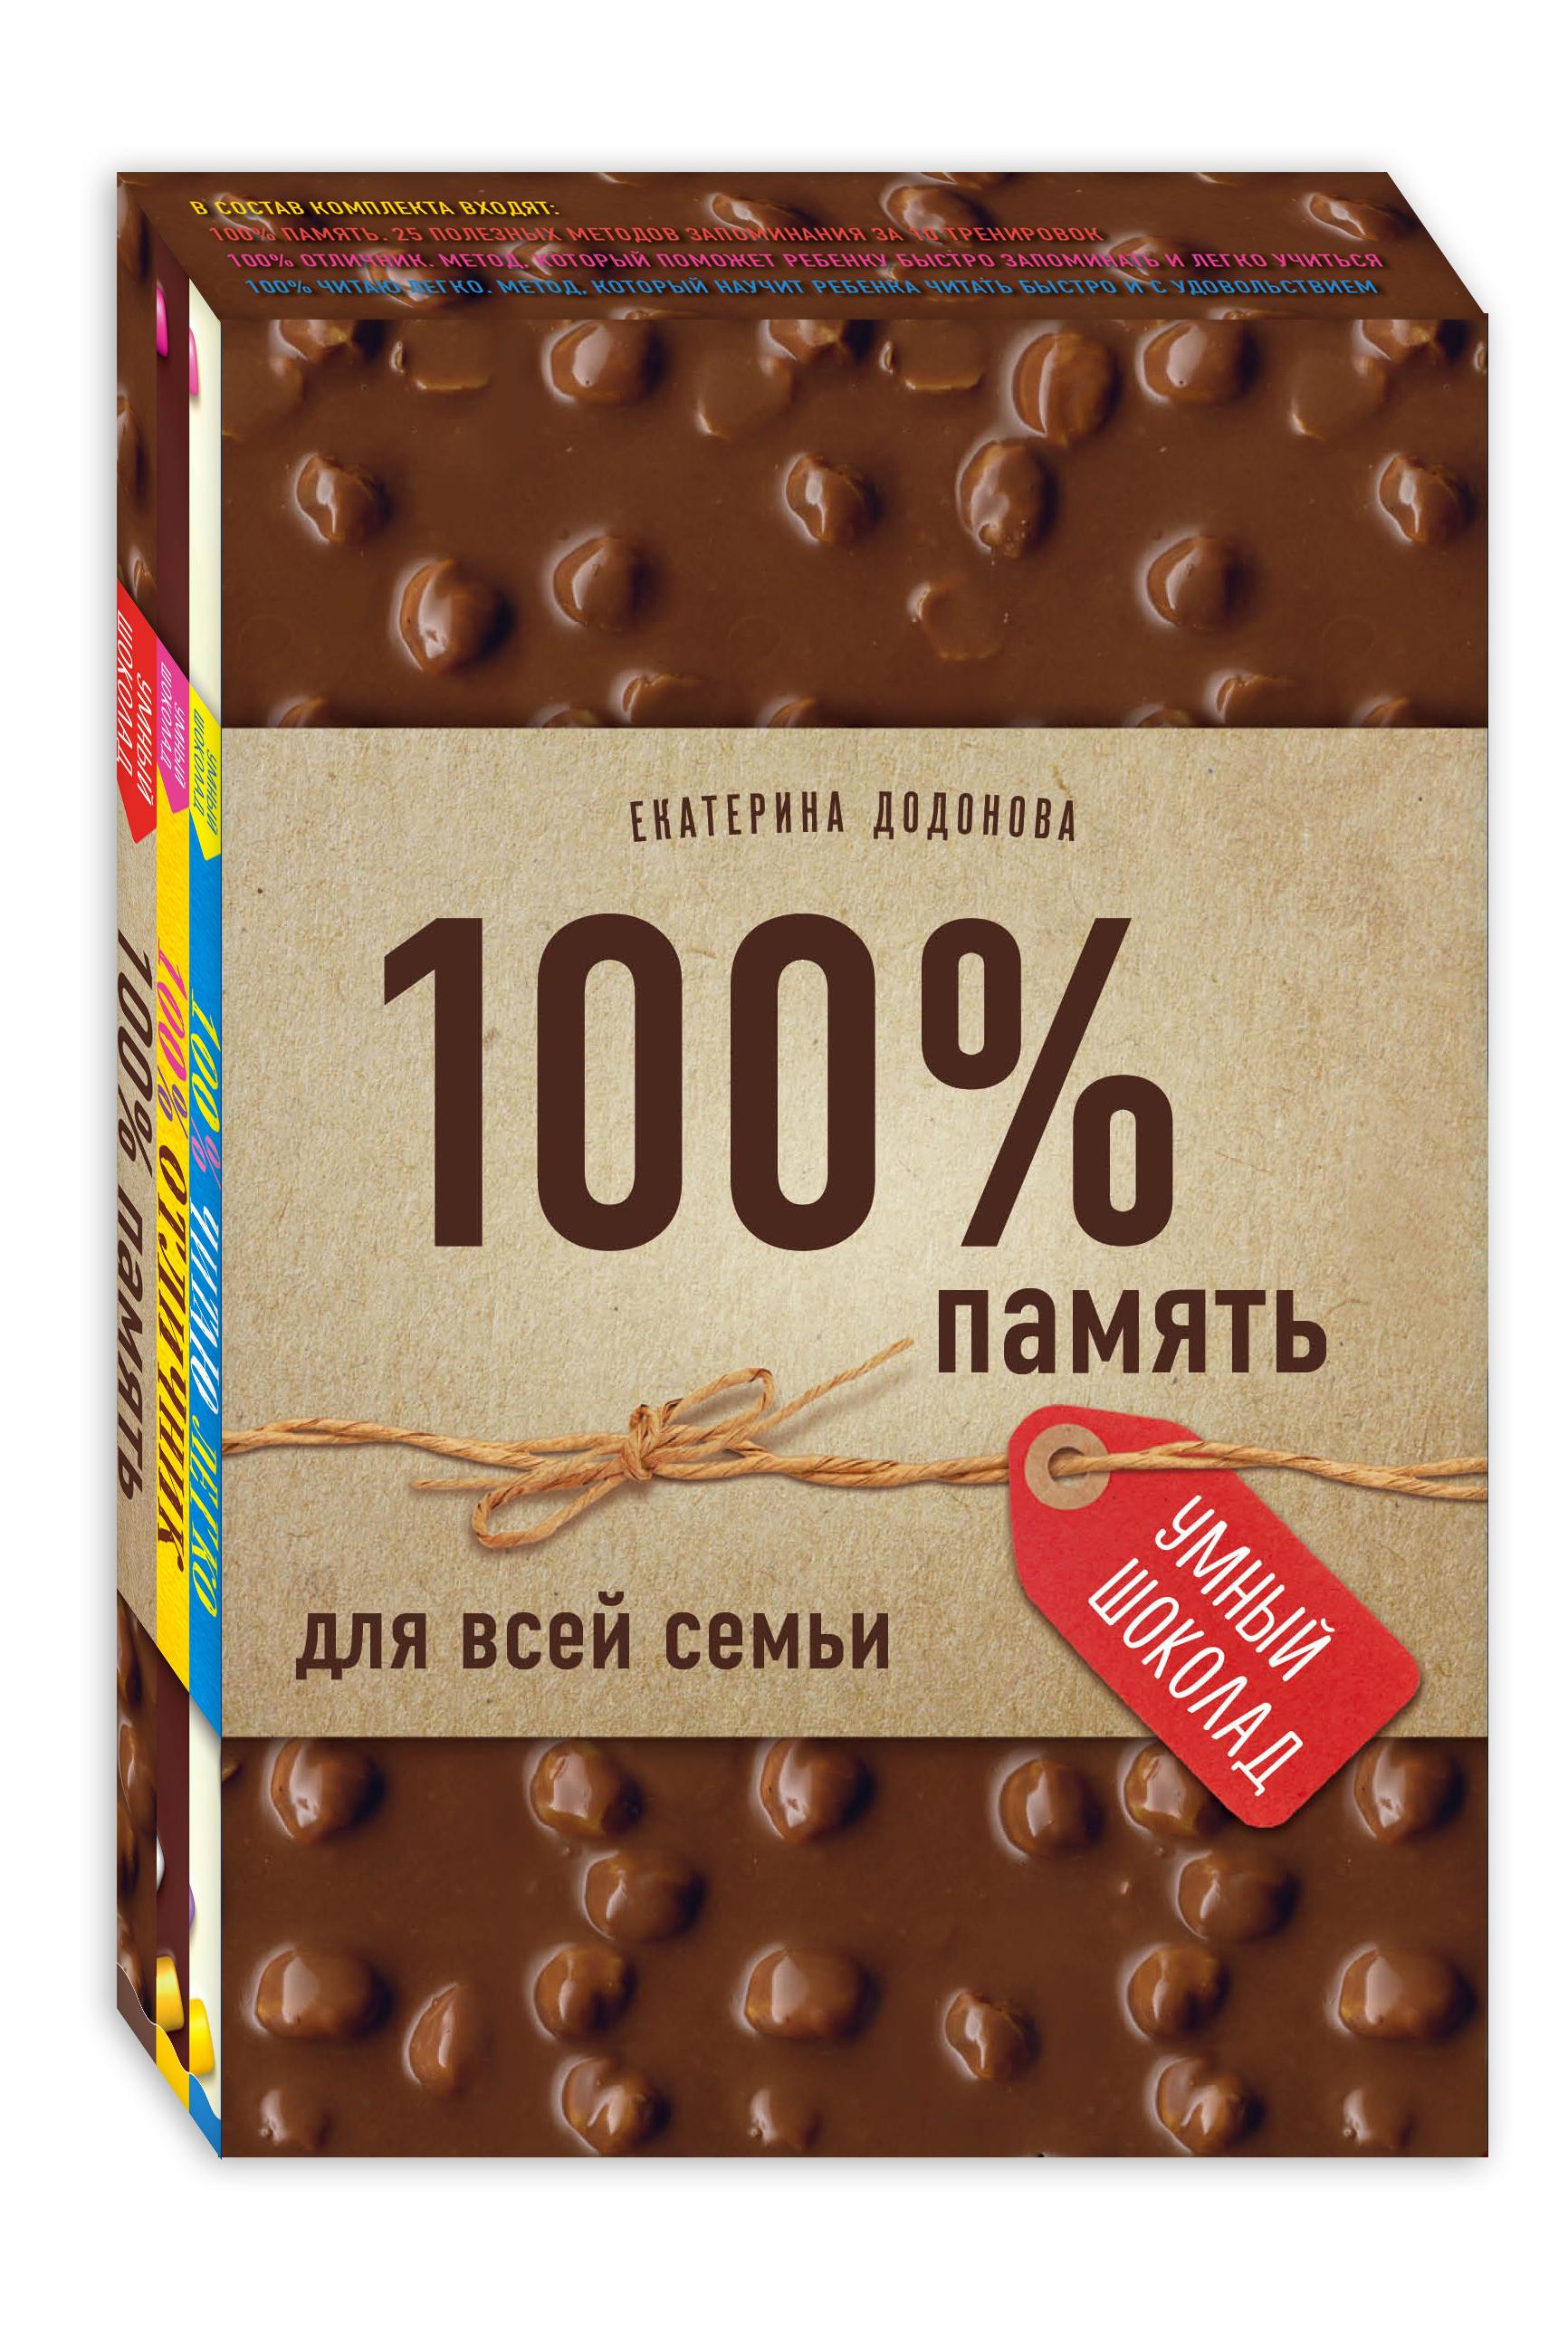 100% память для всей семьи (100% отличник, 100% память, 100% читаю легко) все цены